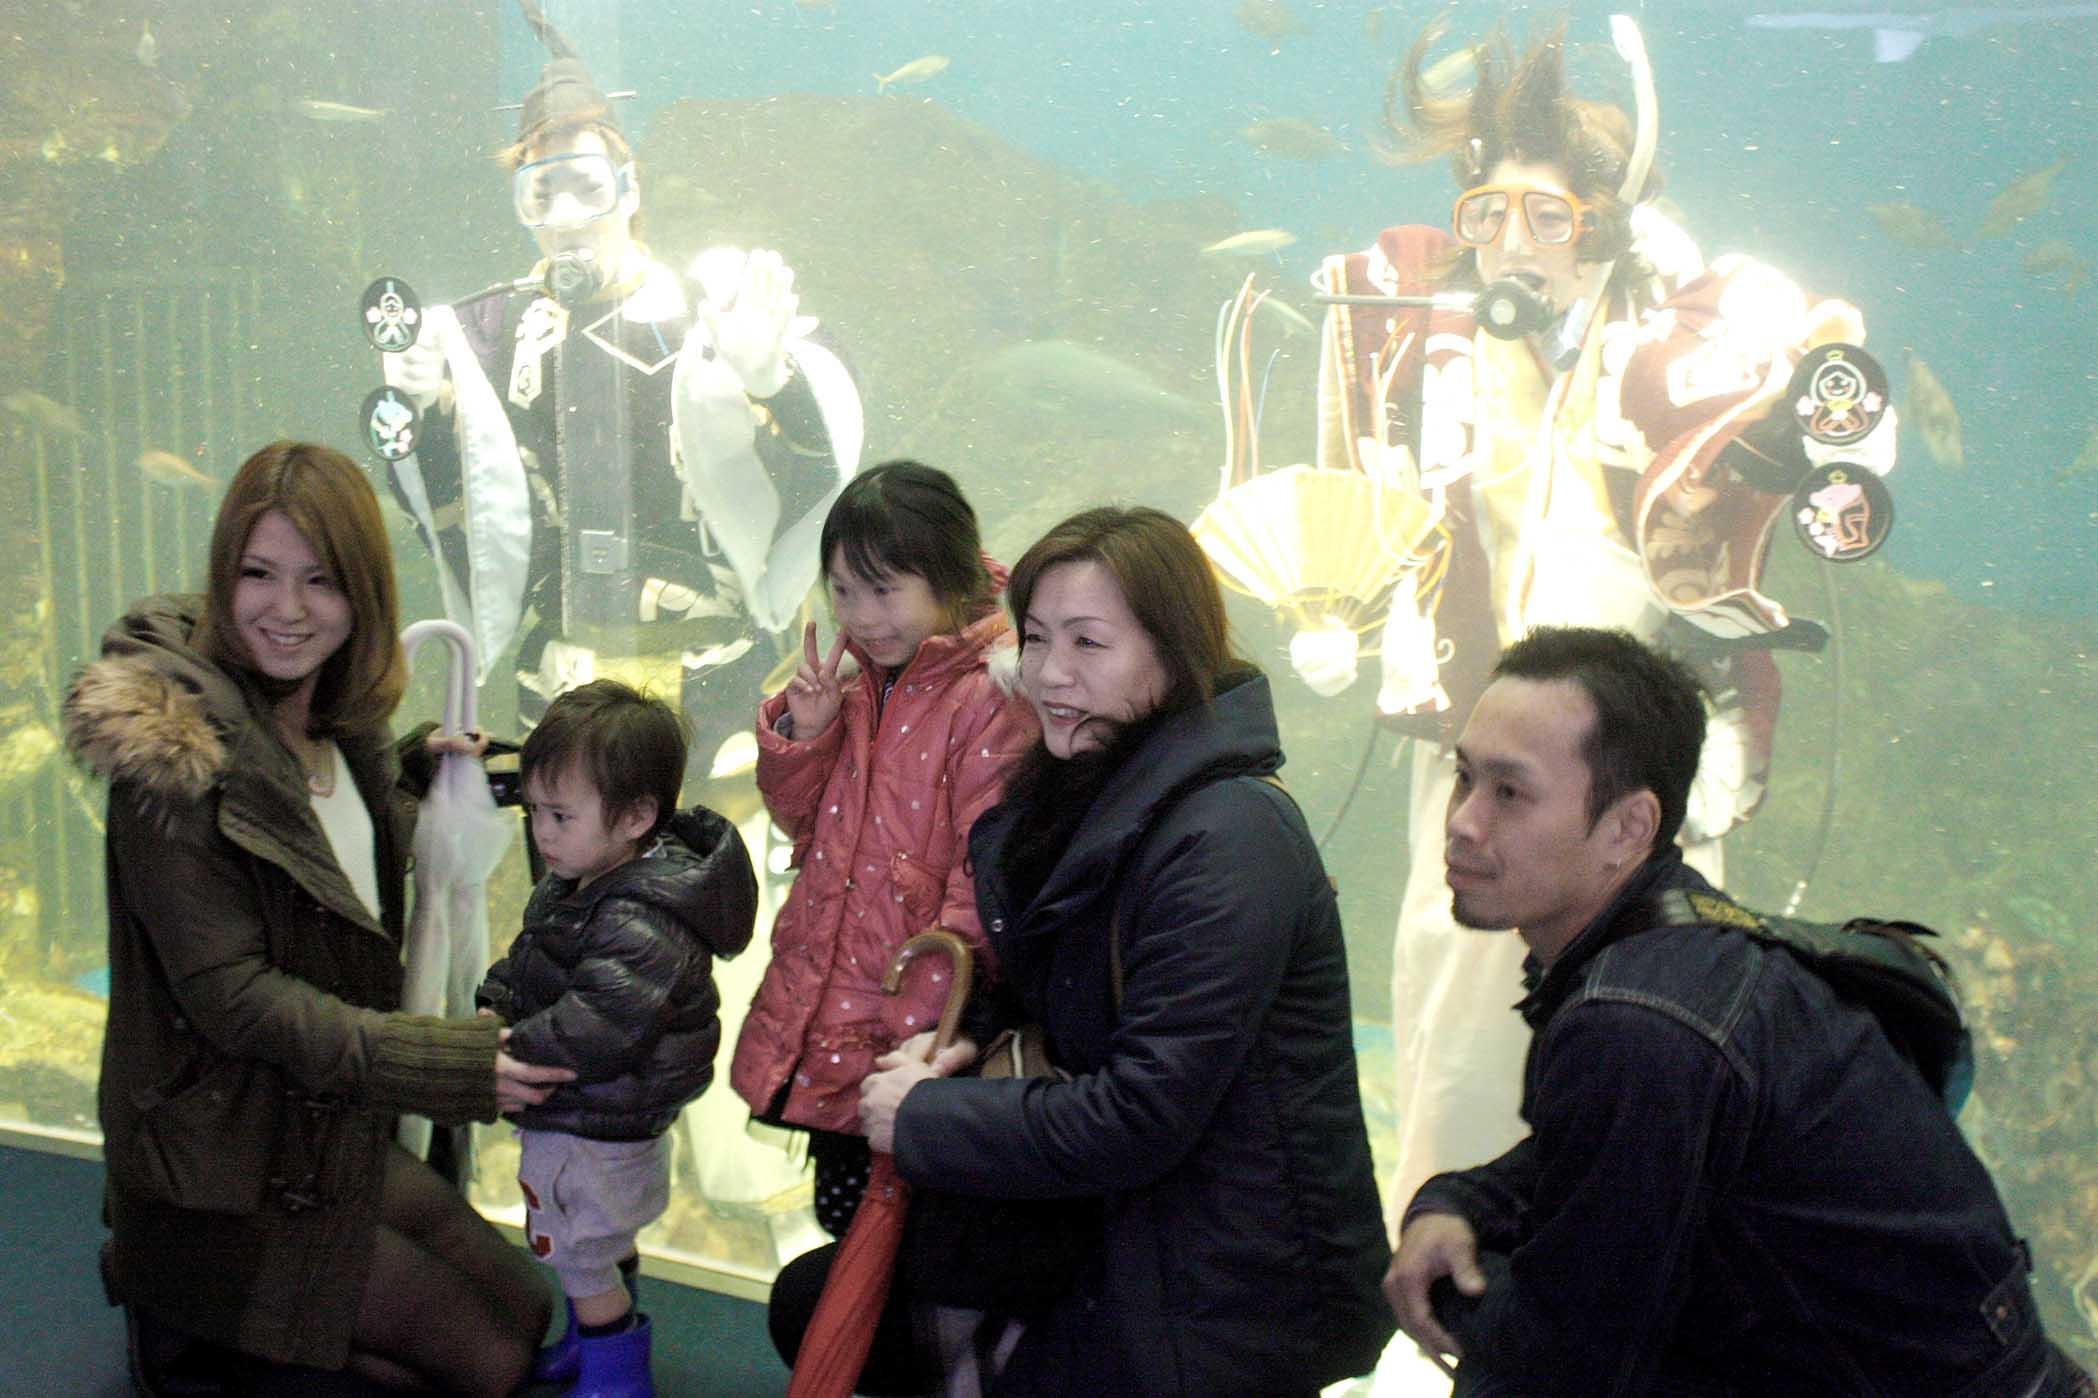 ひな人形の衣装を着た飼育員と記念撮影する来館者=七尾市ののとじま臨海公園水族館